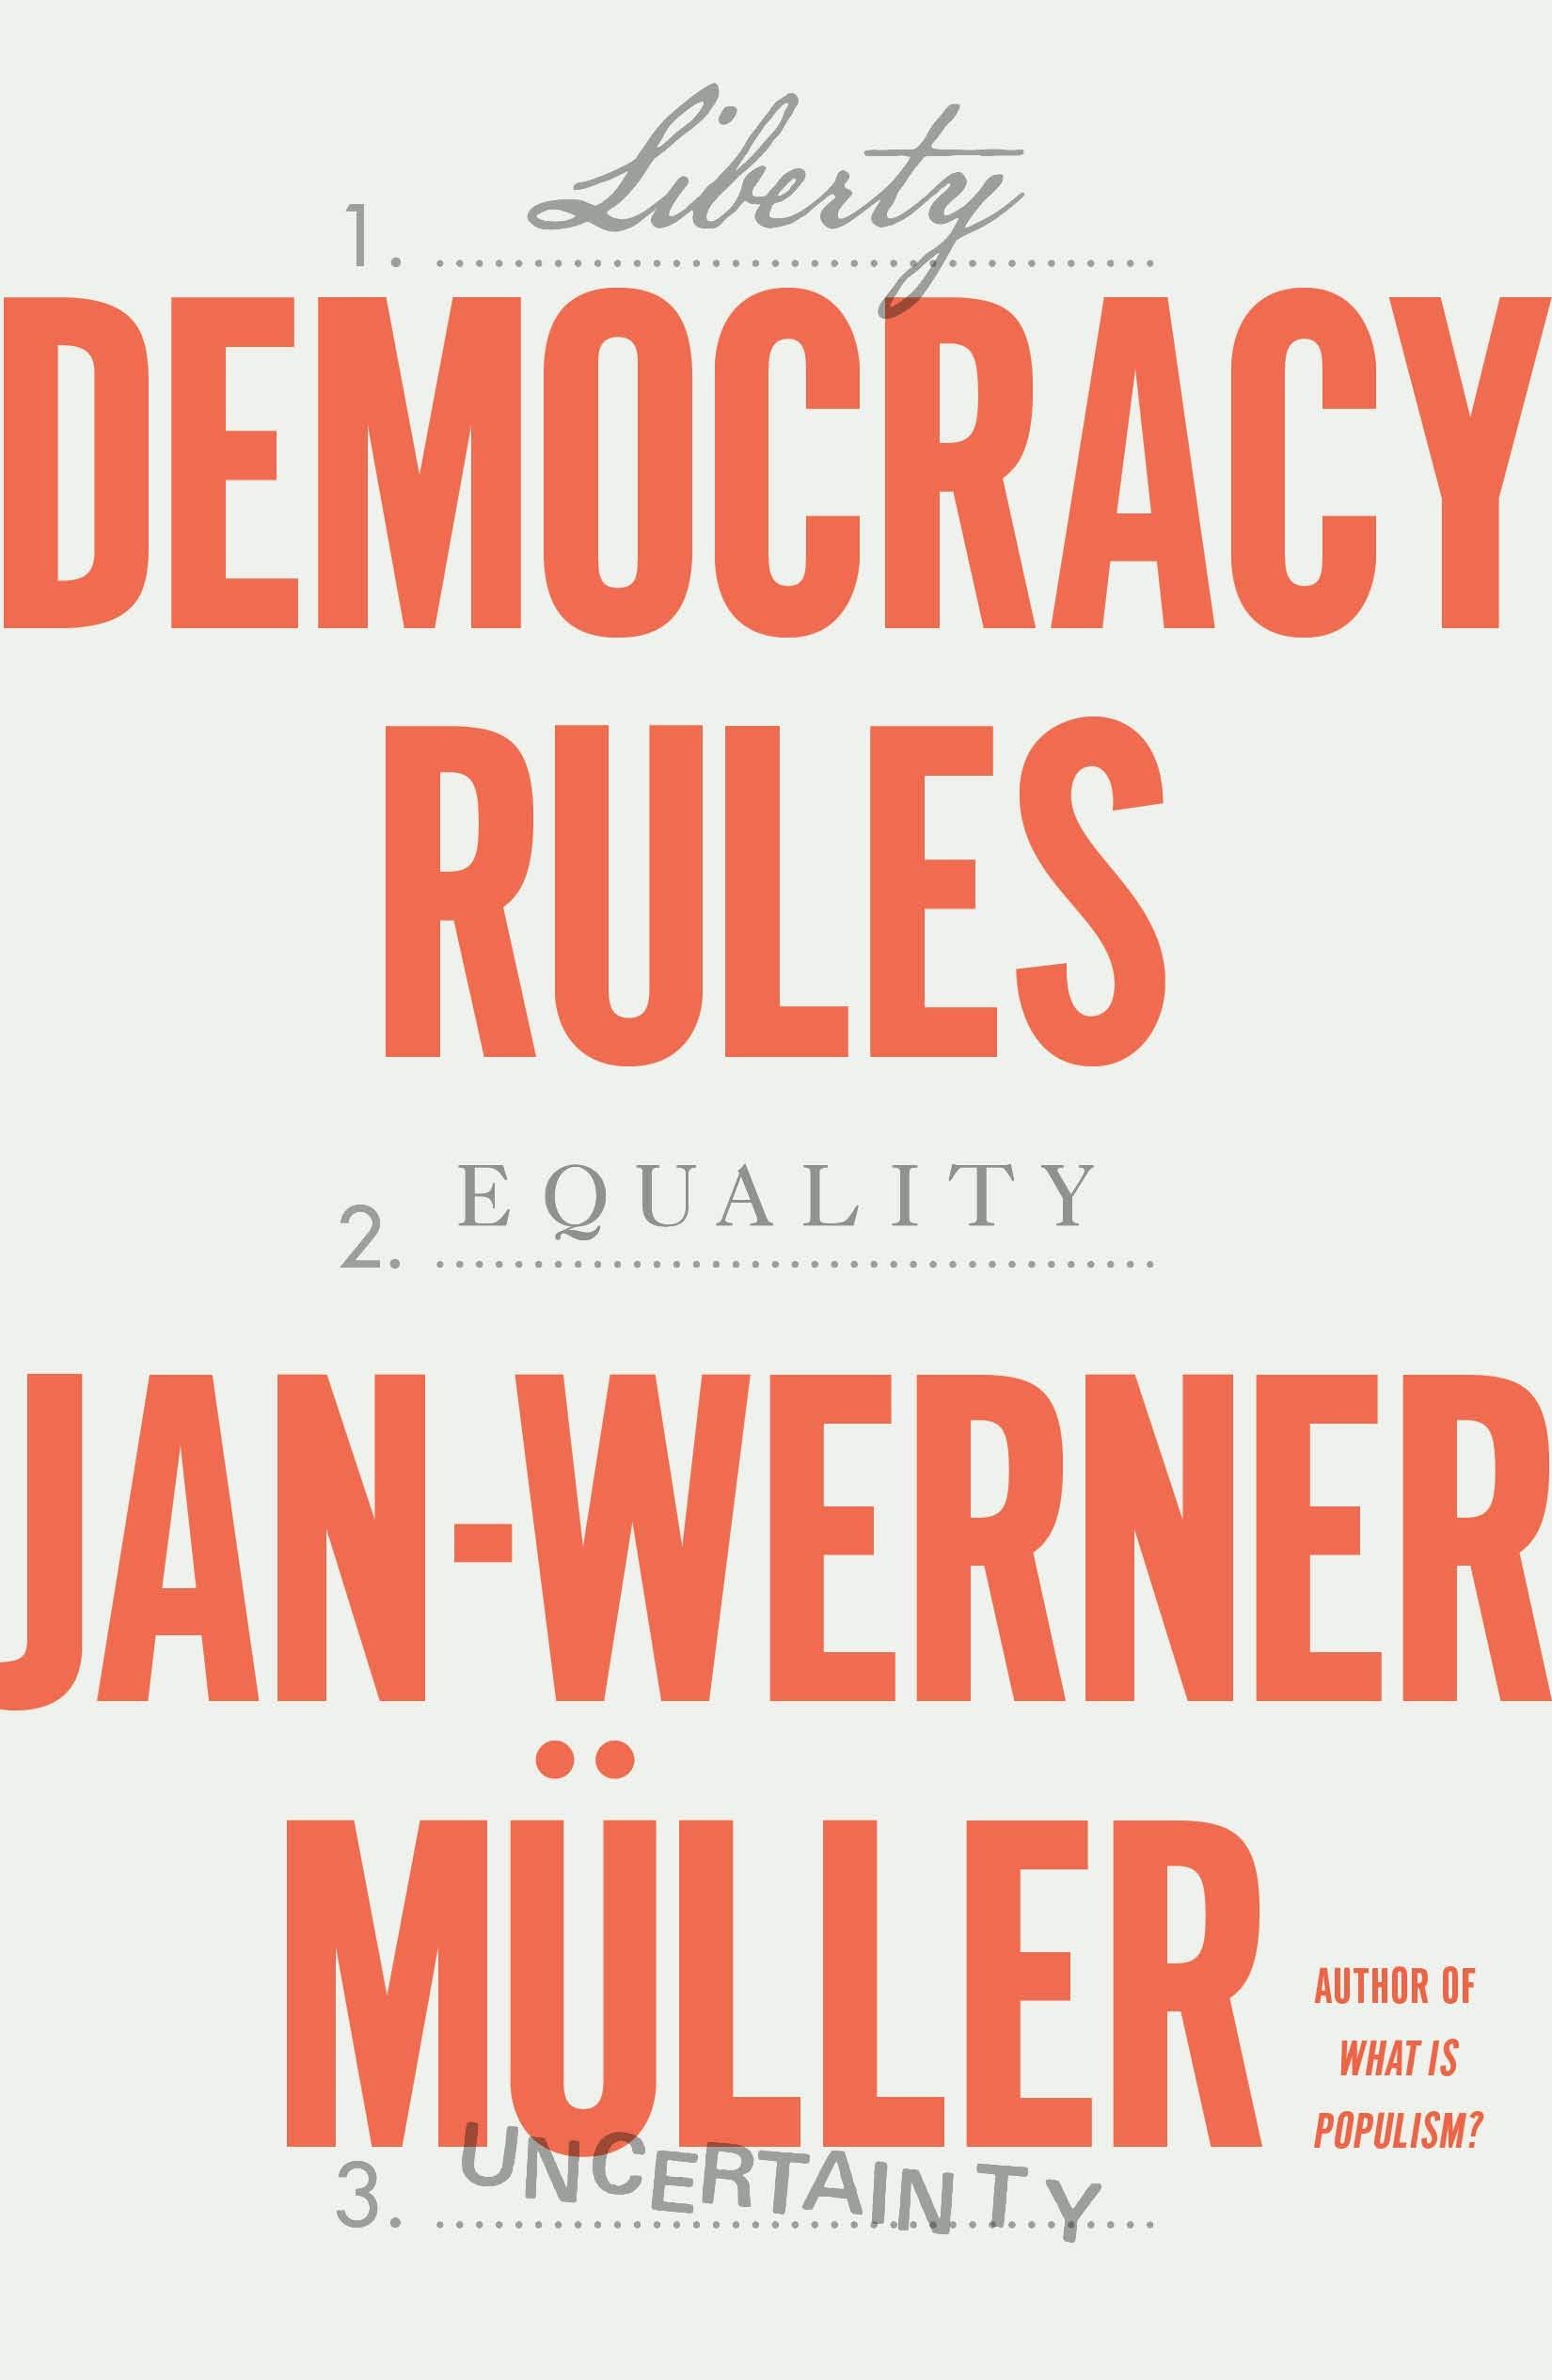 Jan-Werner Müller, Democracy Rules